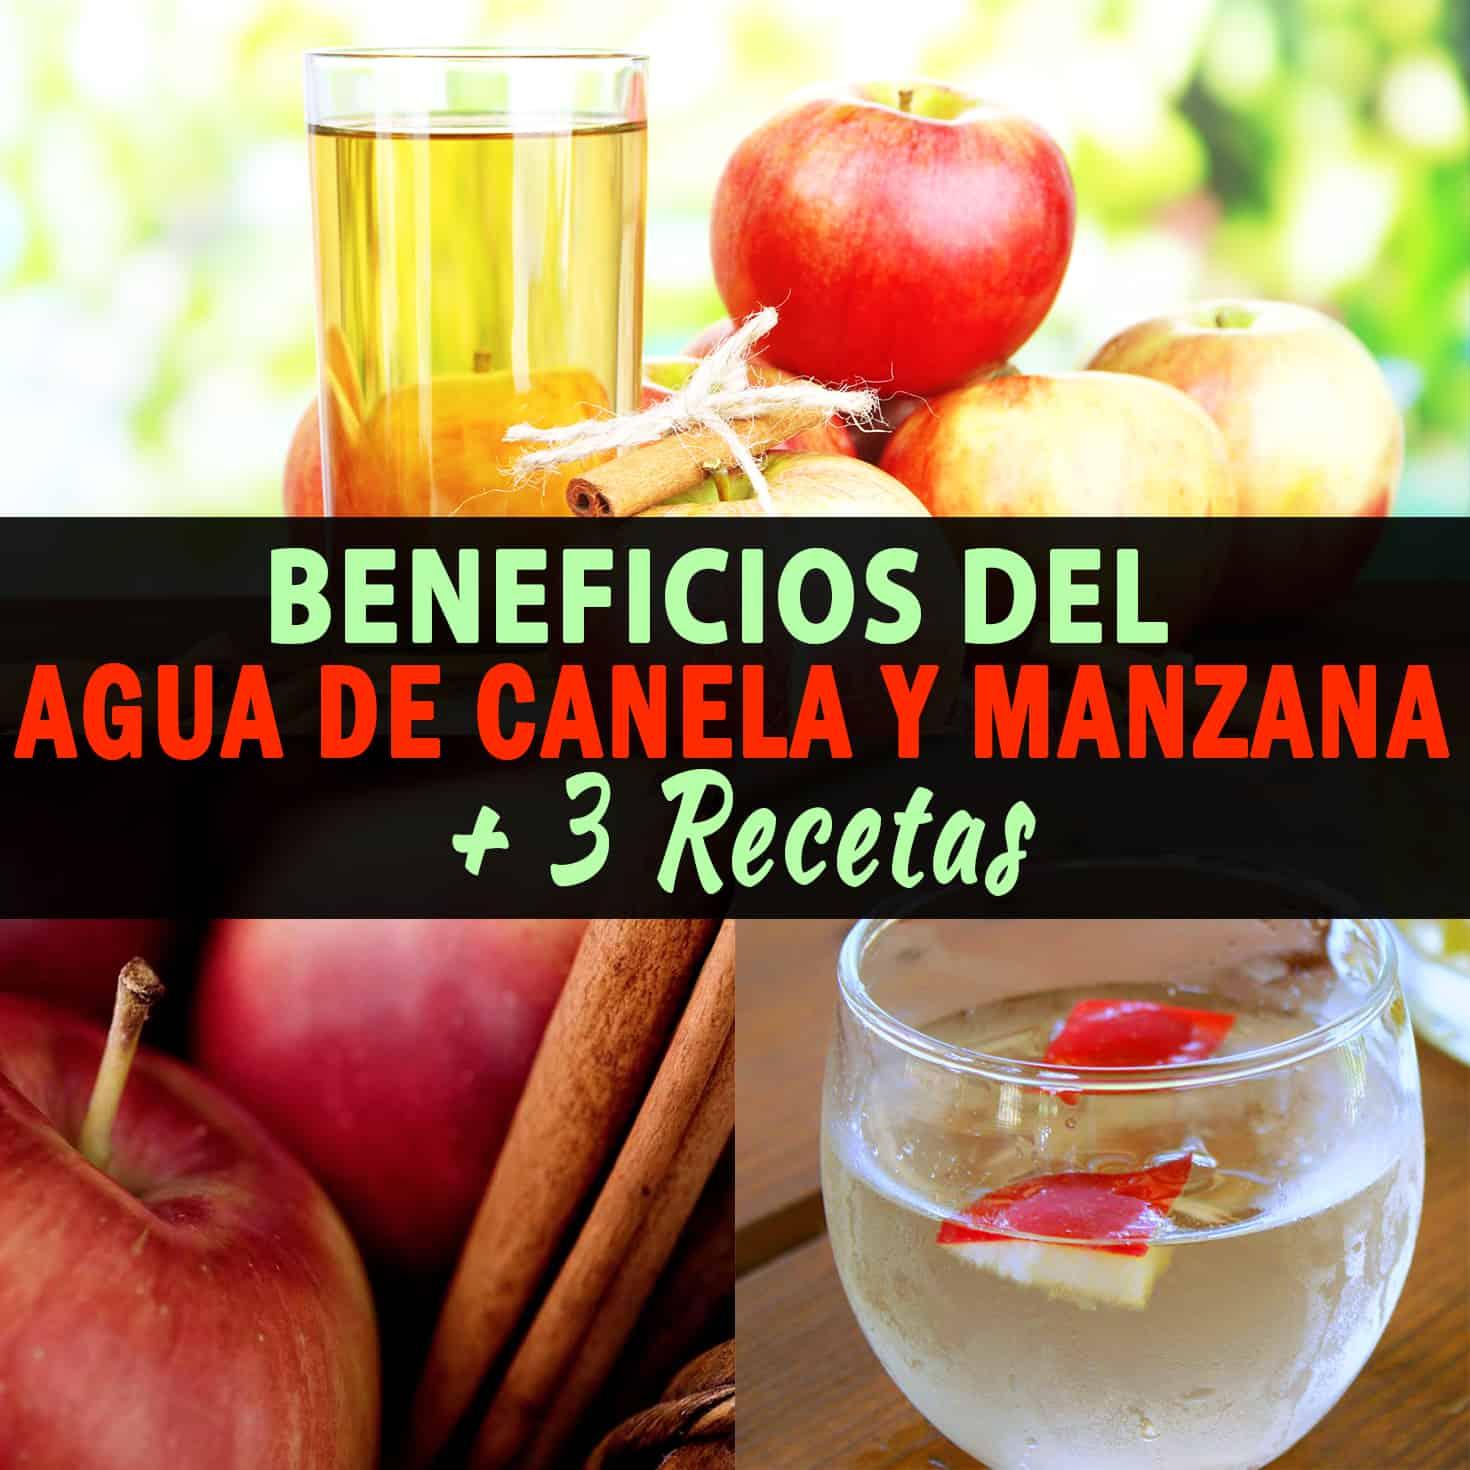 Agua Com Mel E Canela Beneficios 5 benefícios da Água de desintoxicação de canela e maçã + 3